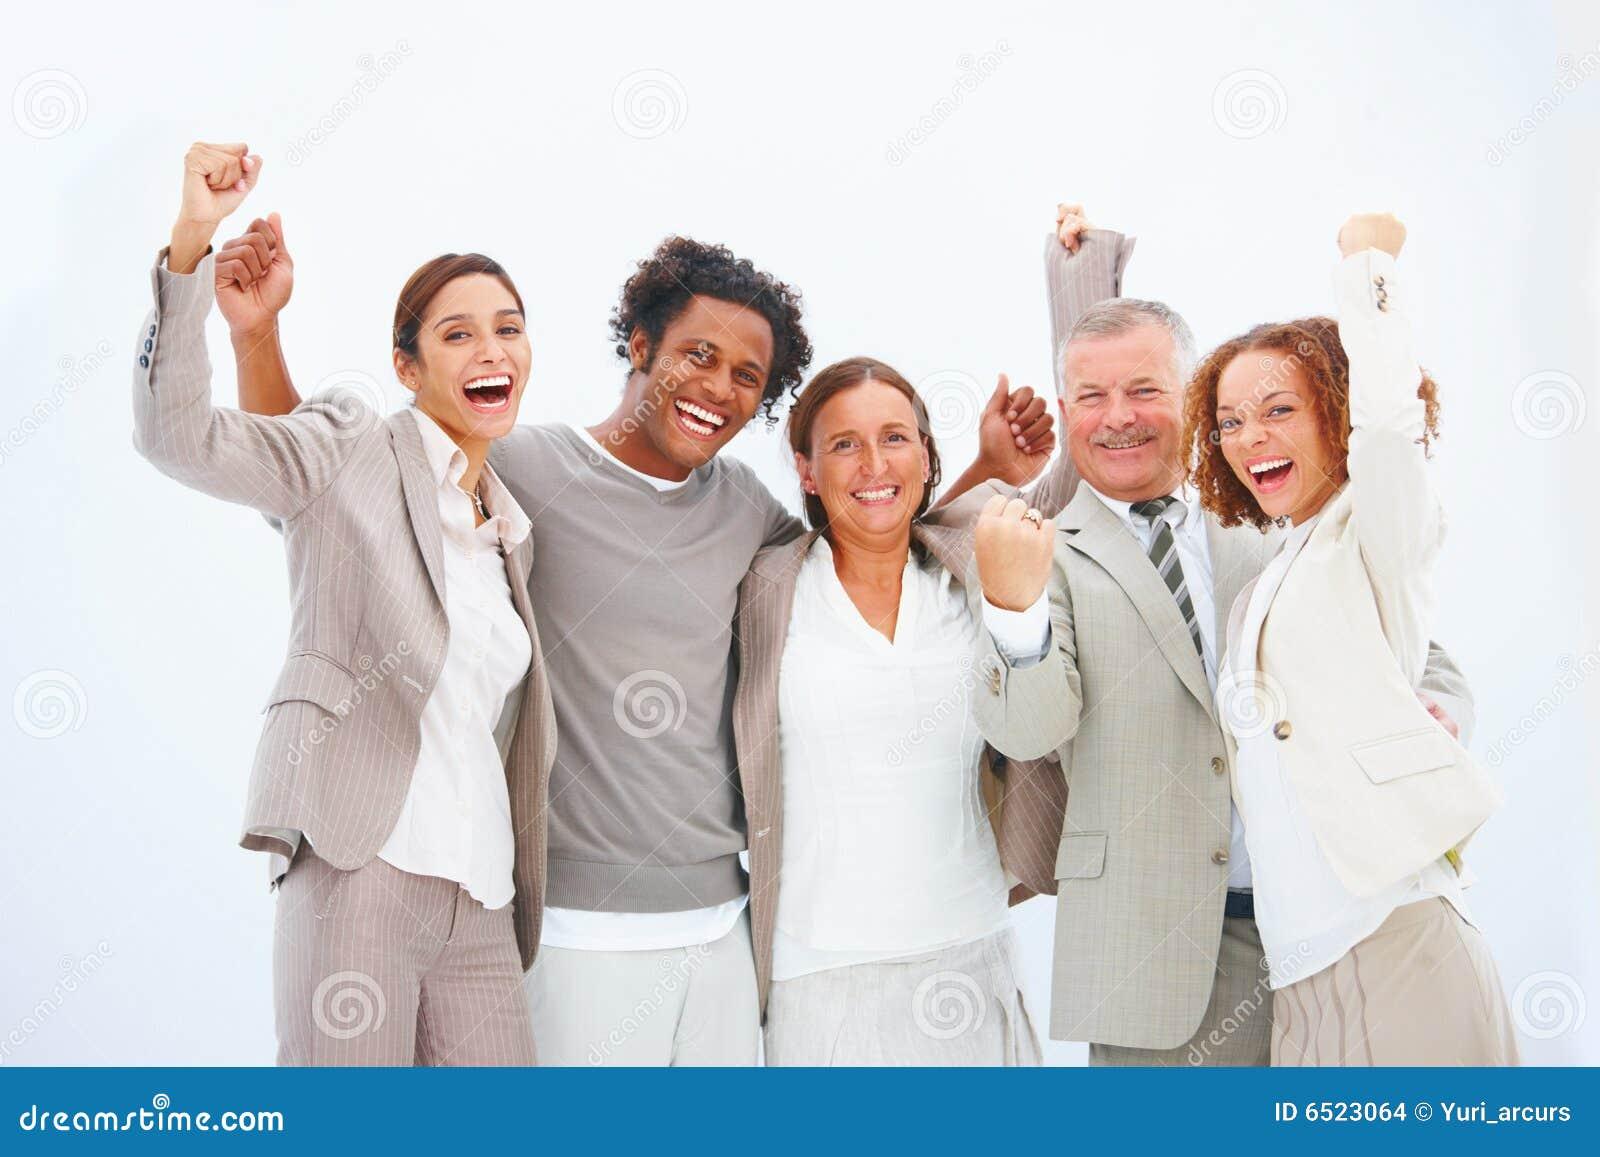 Resultado de imagen para personas alegres